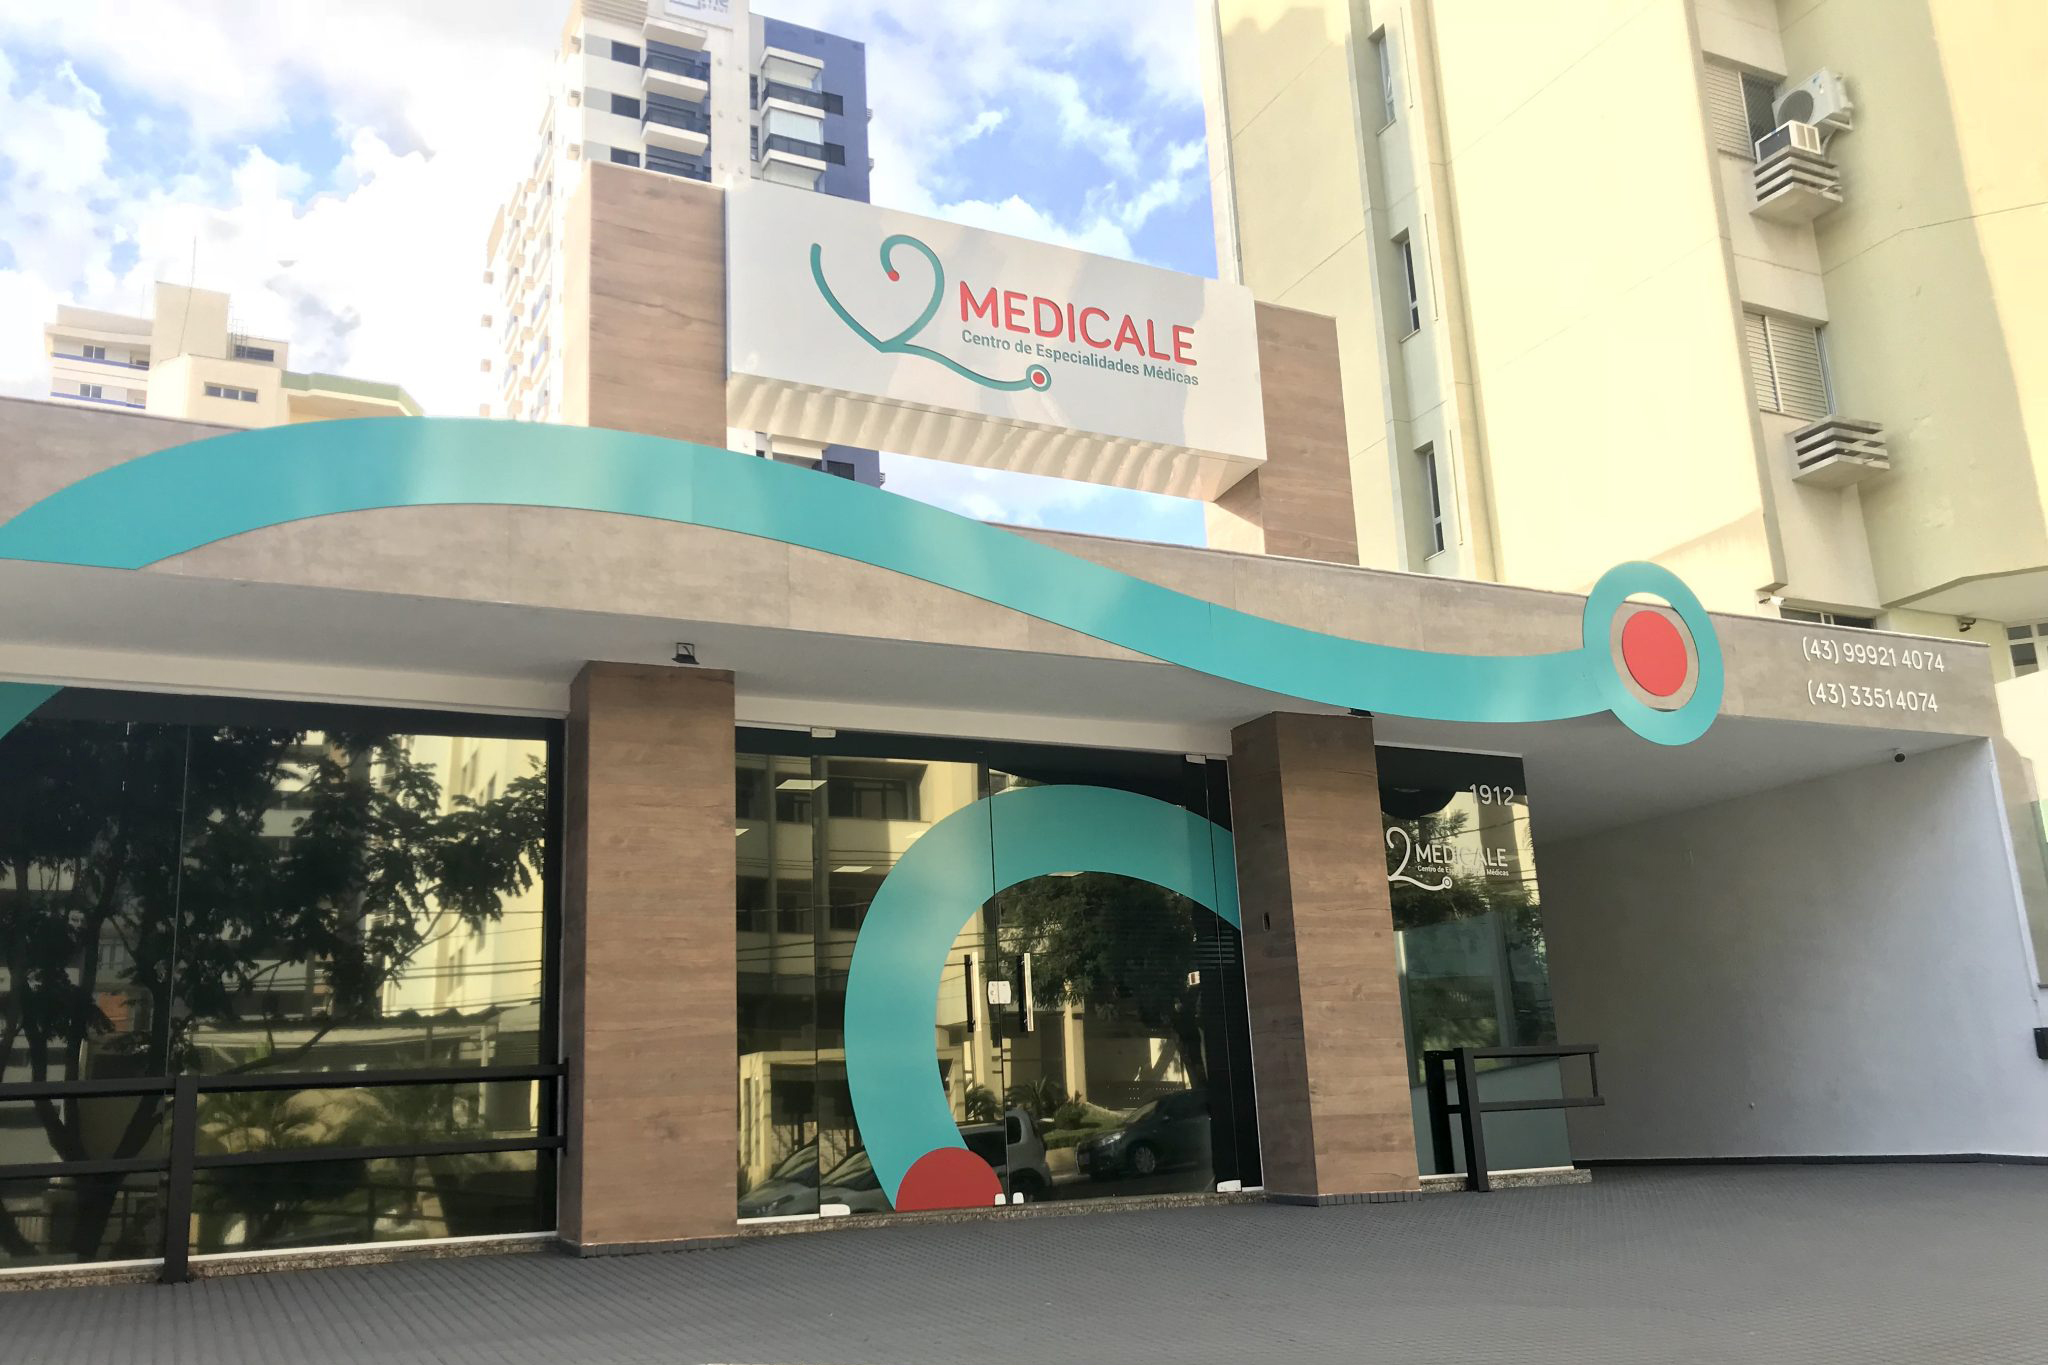 <p>A ACECA firmou neste m&ecirc;s de fevereiro o seu primeiro conv&ecirc;nio da &aacute;rea m&eacute;dica. A parceria com a Cl&iacute;nica Medicale vai garantir 10% de desconto em todas as consultas...